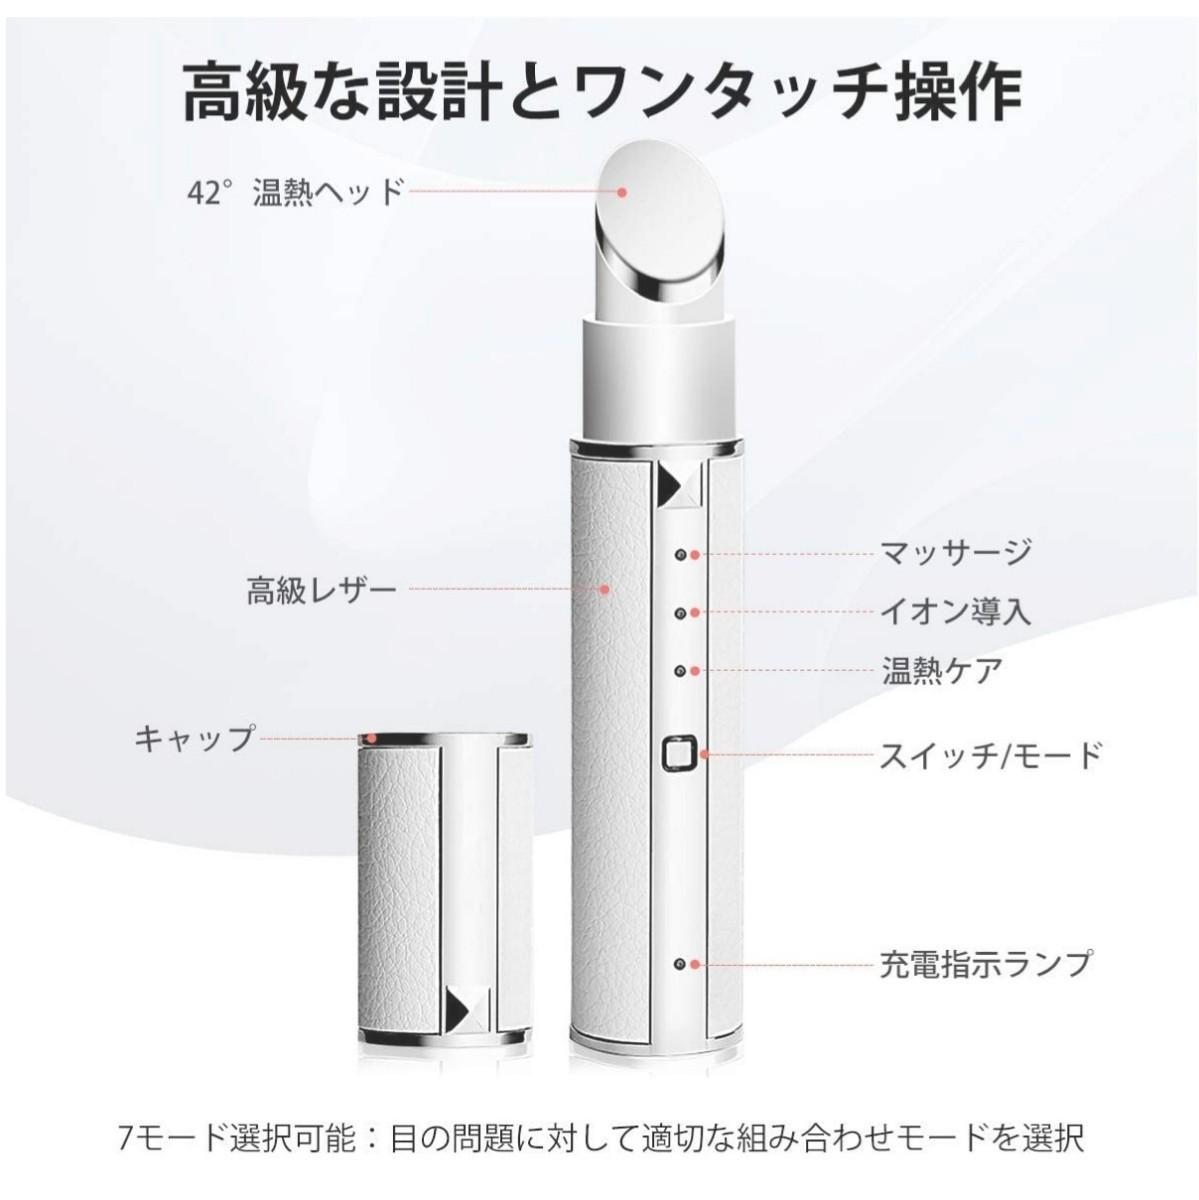 【新品】目なは元ケア 超音波美顔器 温熱 目元 美顔器